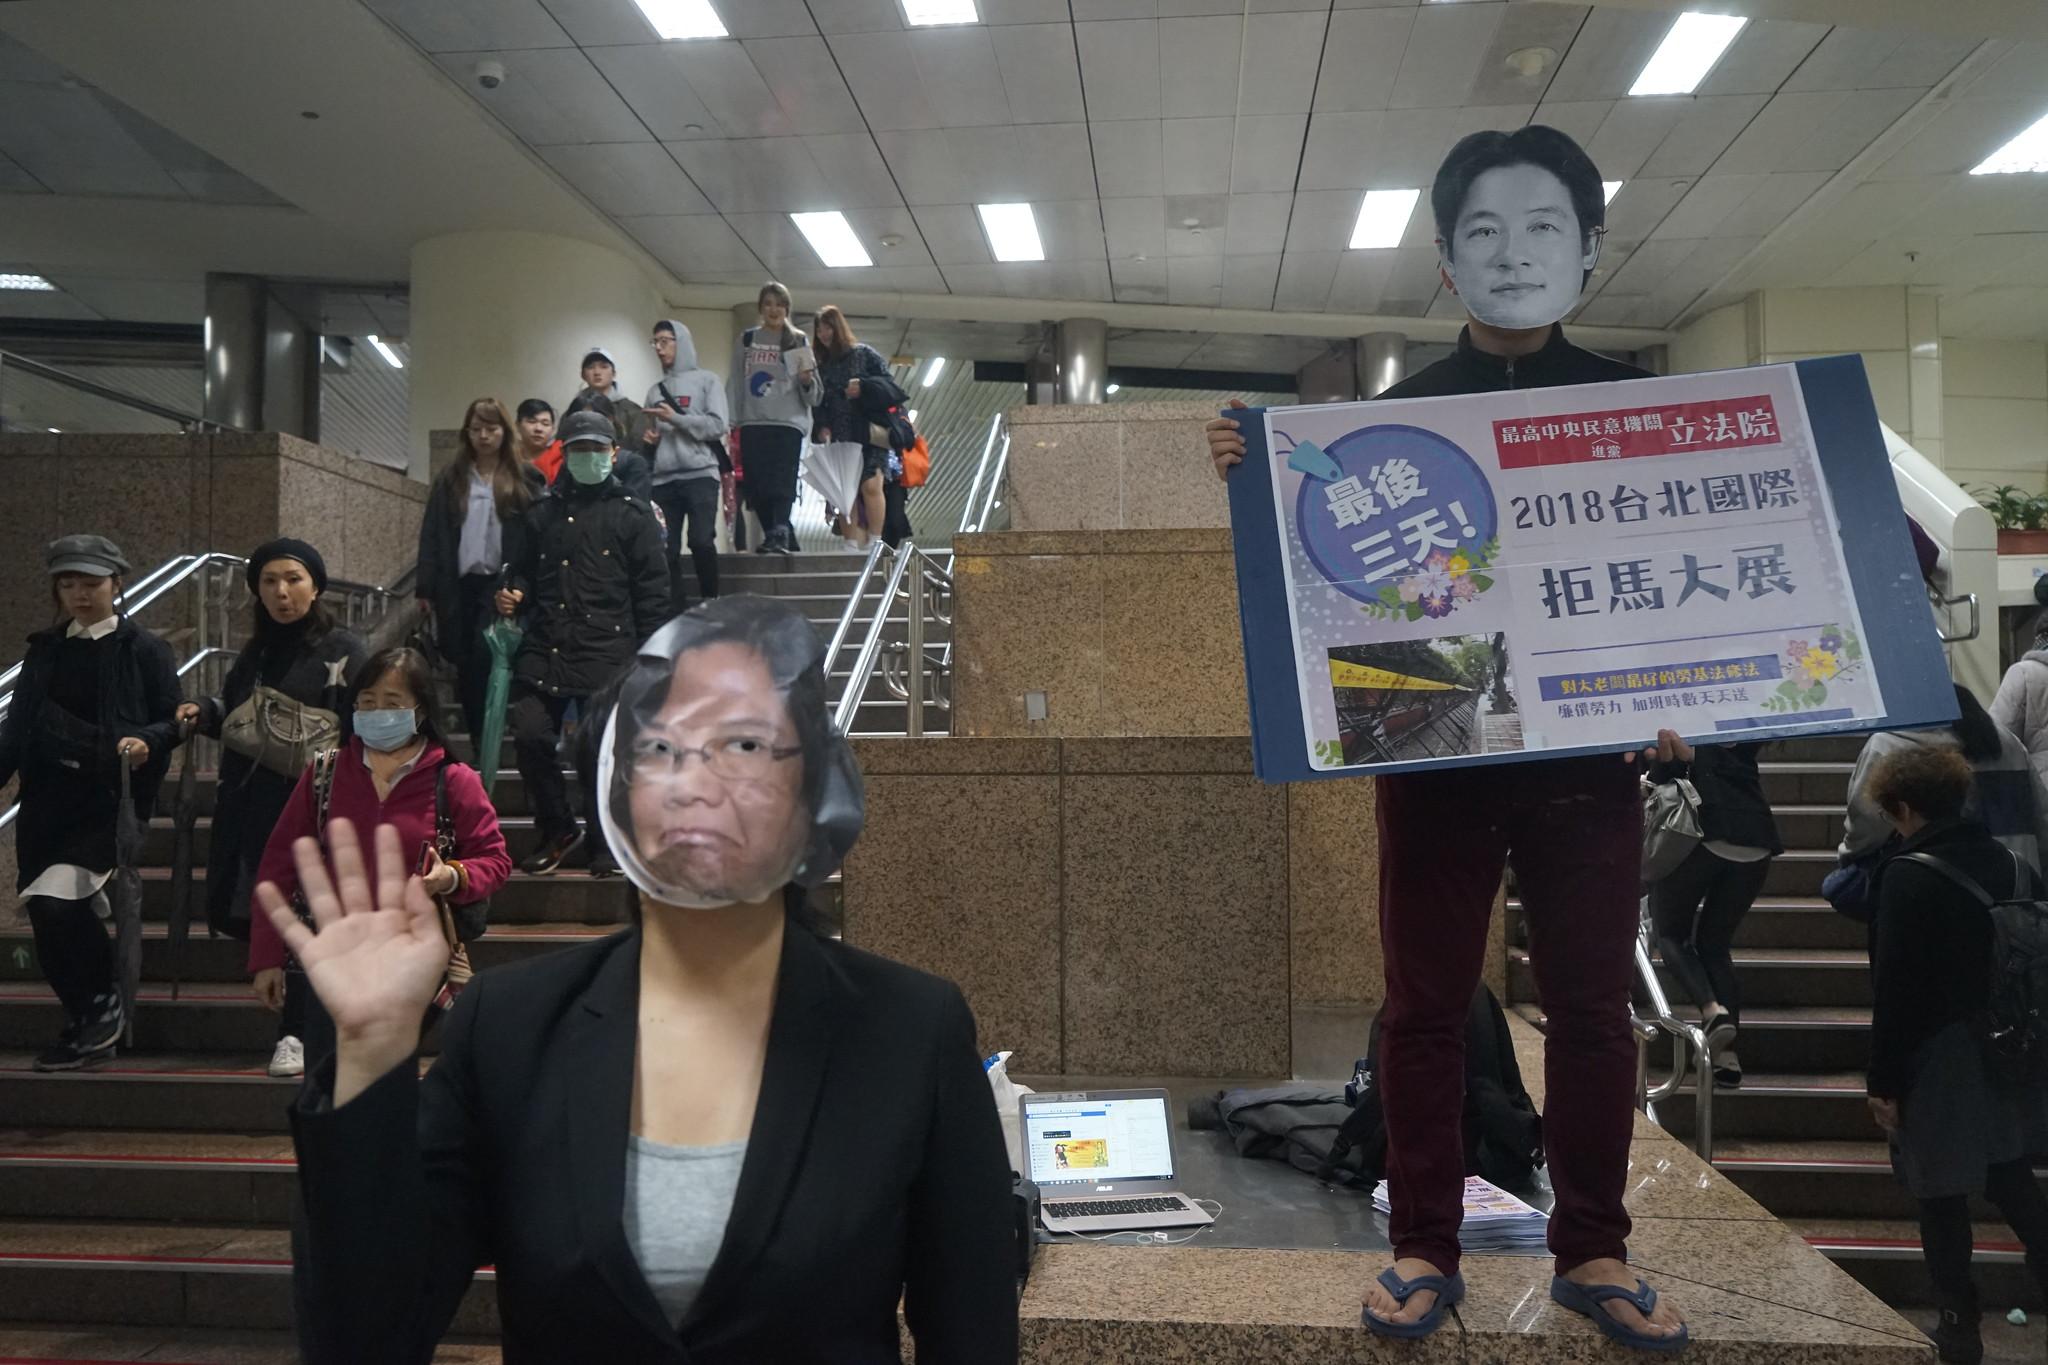 青年團體以「2018台北國際拒馬大展」諷刺近日警方大規模在台北街頭部署拒馬、柵欄的行徑。(攝影:張宗坤)